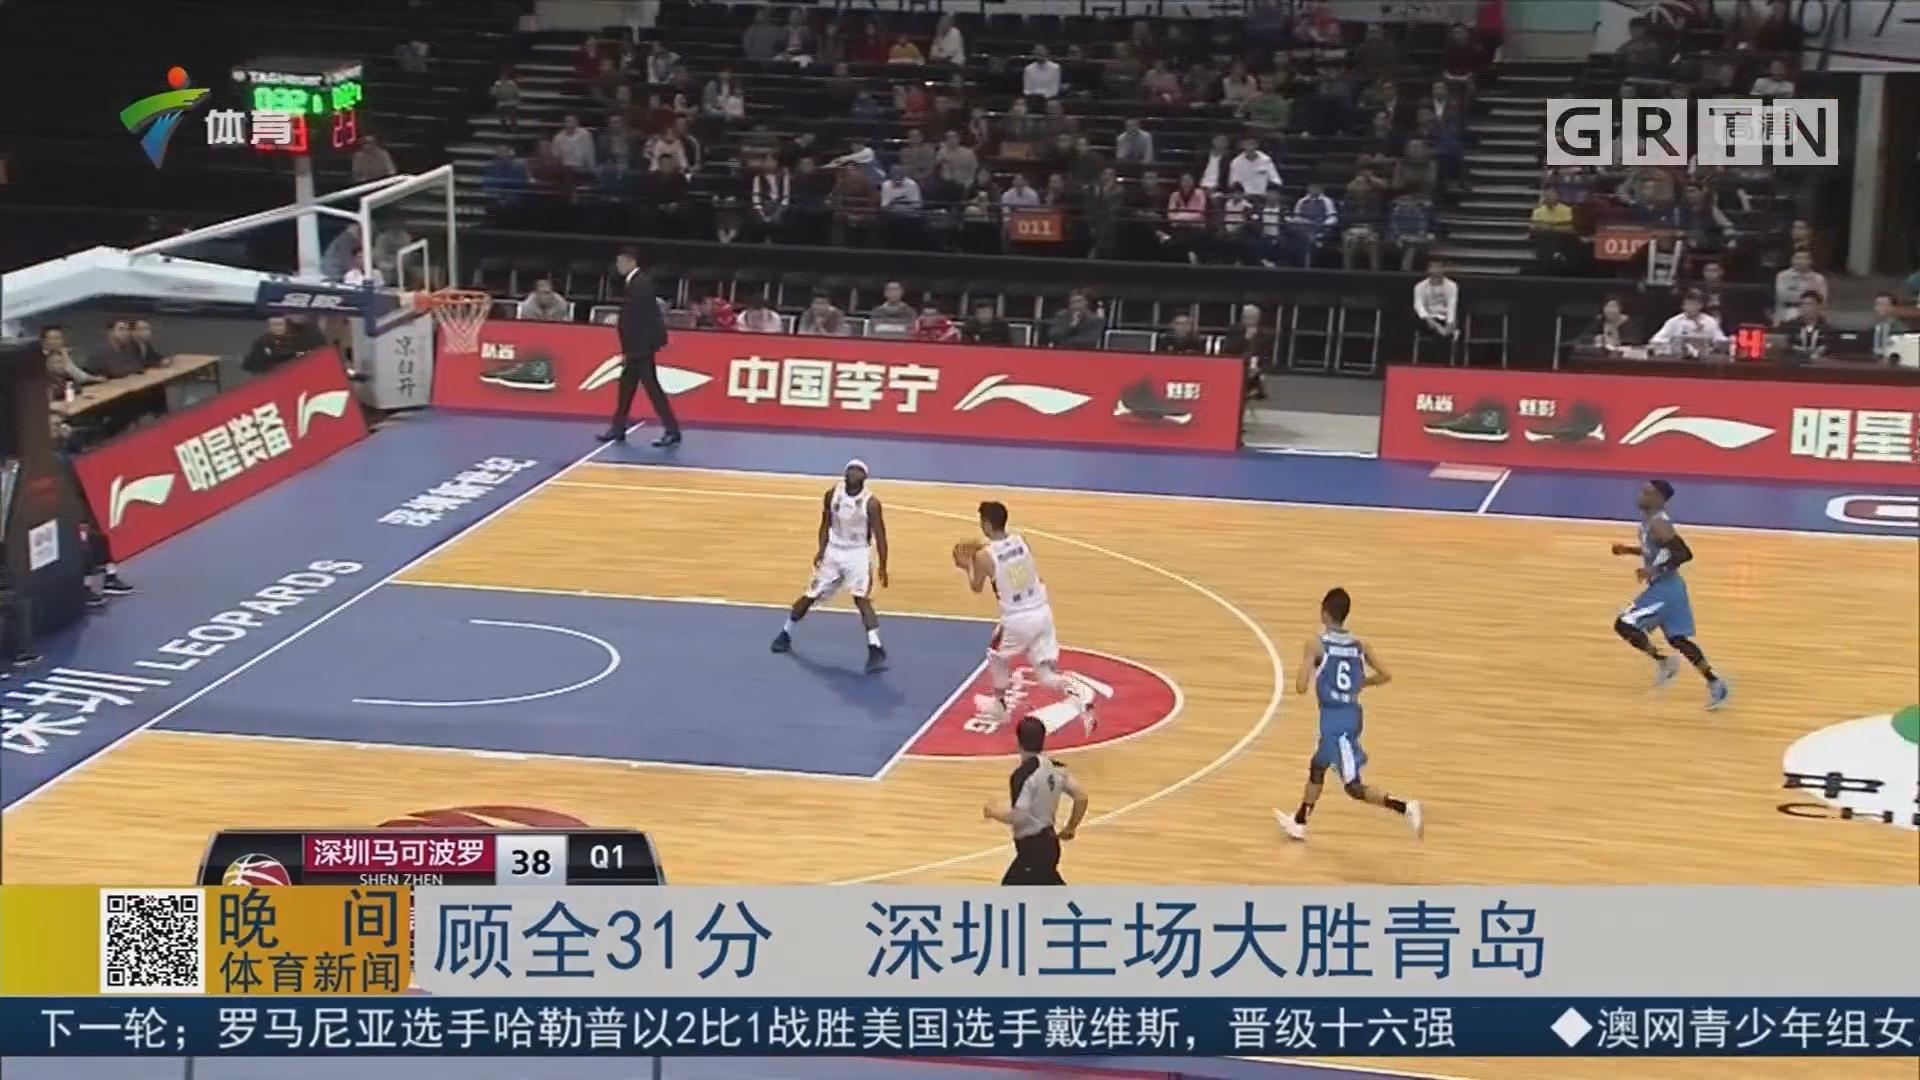 顾全31分 深圳主场大胜青岛